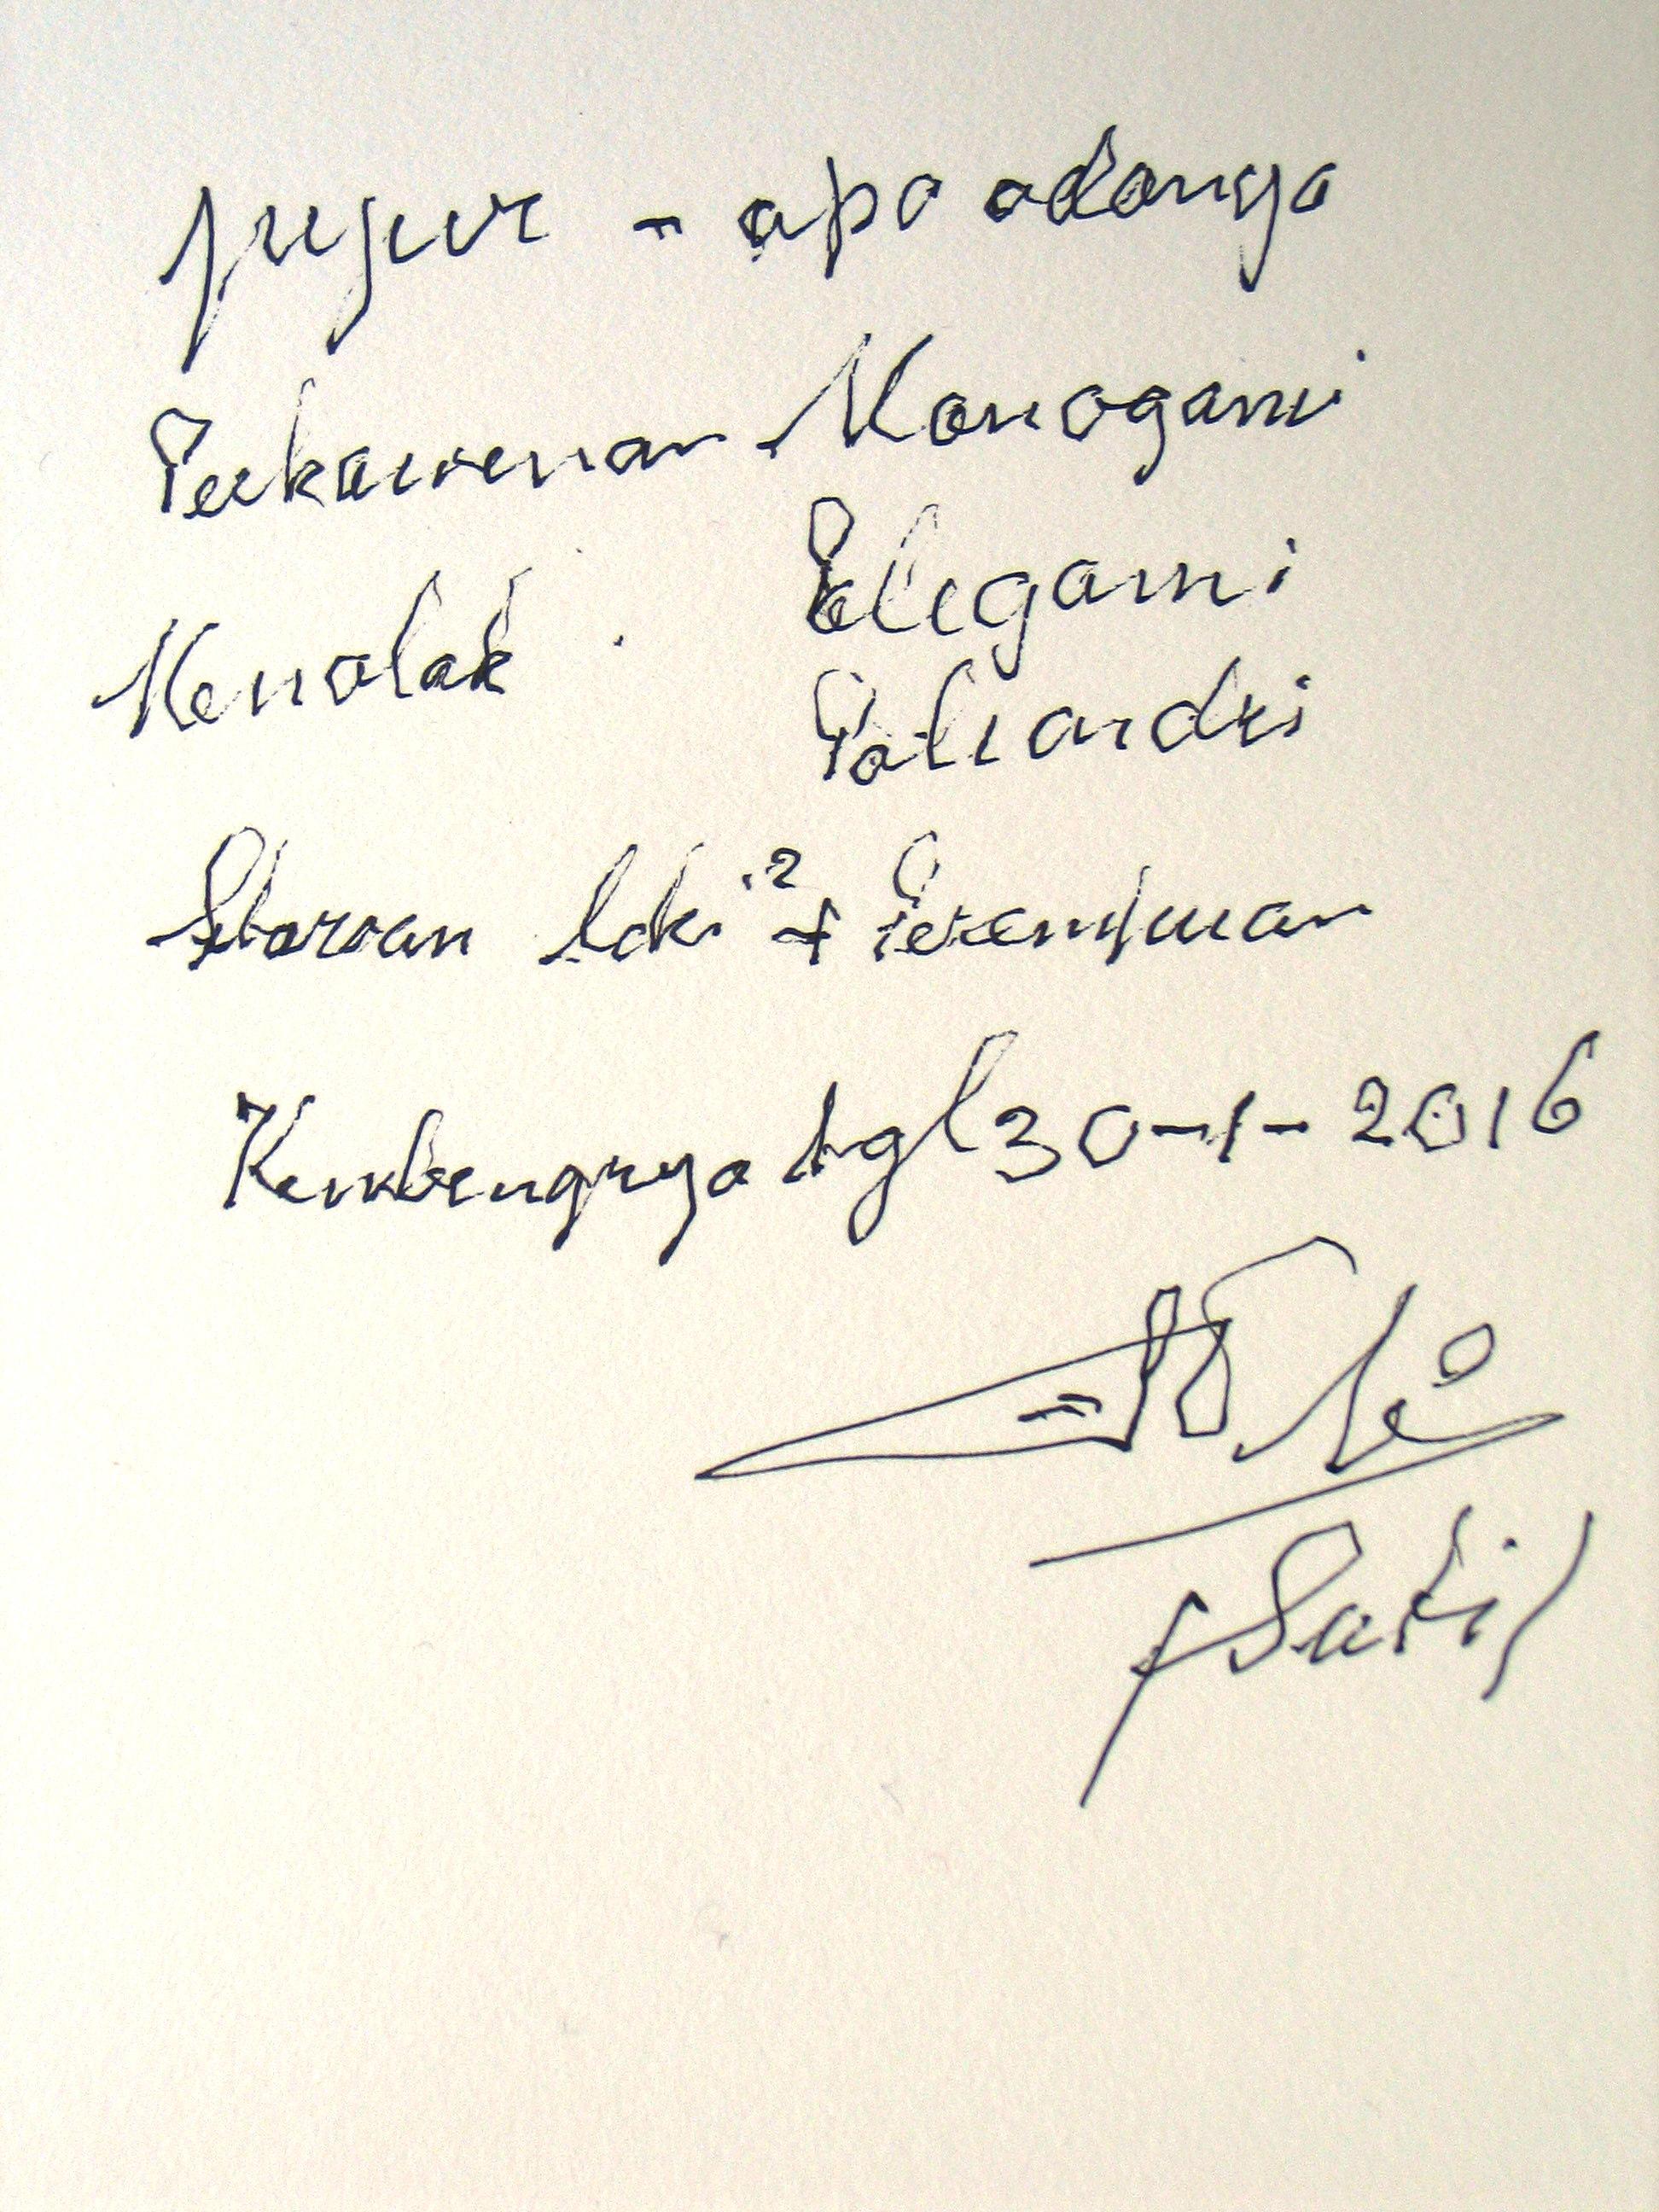 Tulisan tangan Suti tentang prinsip dasar Gerwis yang masih melekat kuat diingatannya Ari Susanto